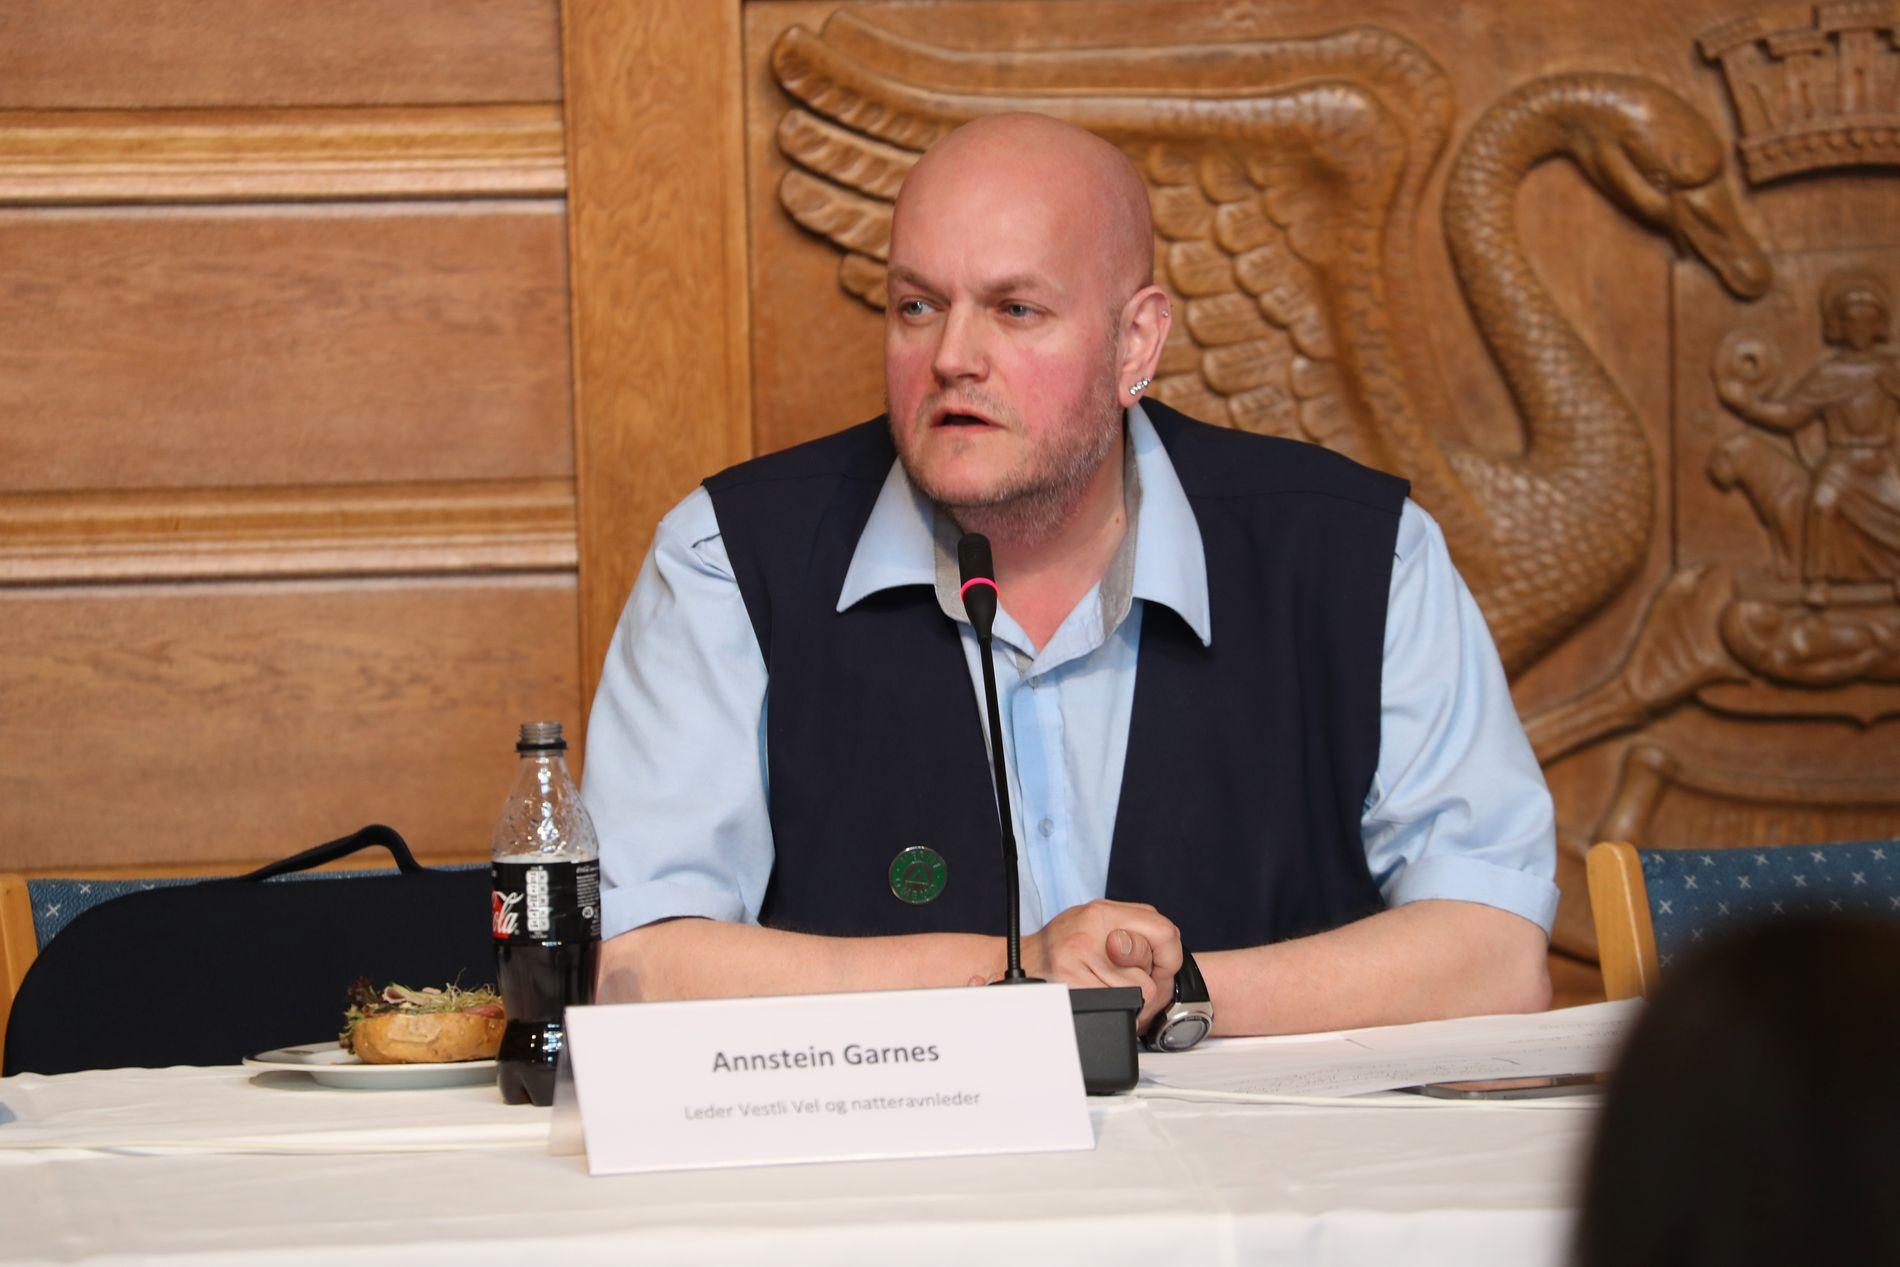 – Vi har ikke hatt fritidsklubber på flere år, sa Annstein Garnes, natteravnleder på Vestli og leder av Vestli vel under dagens høring i Oslo bystyre.